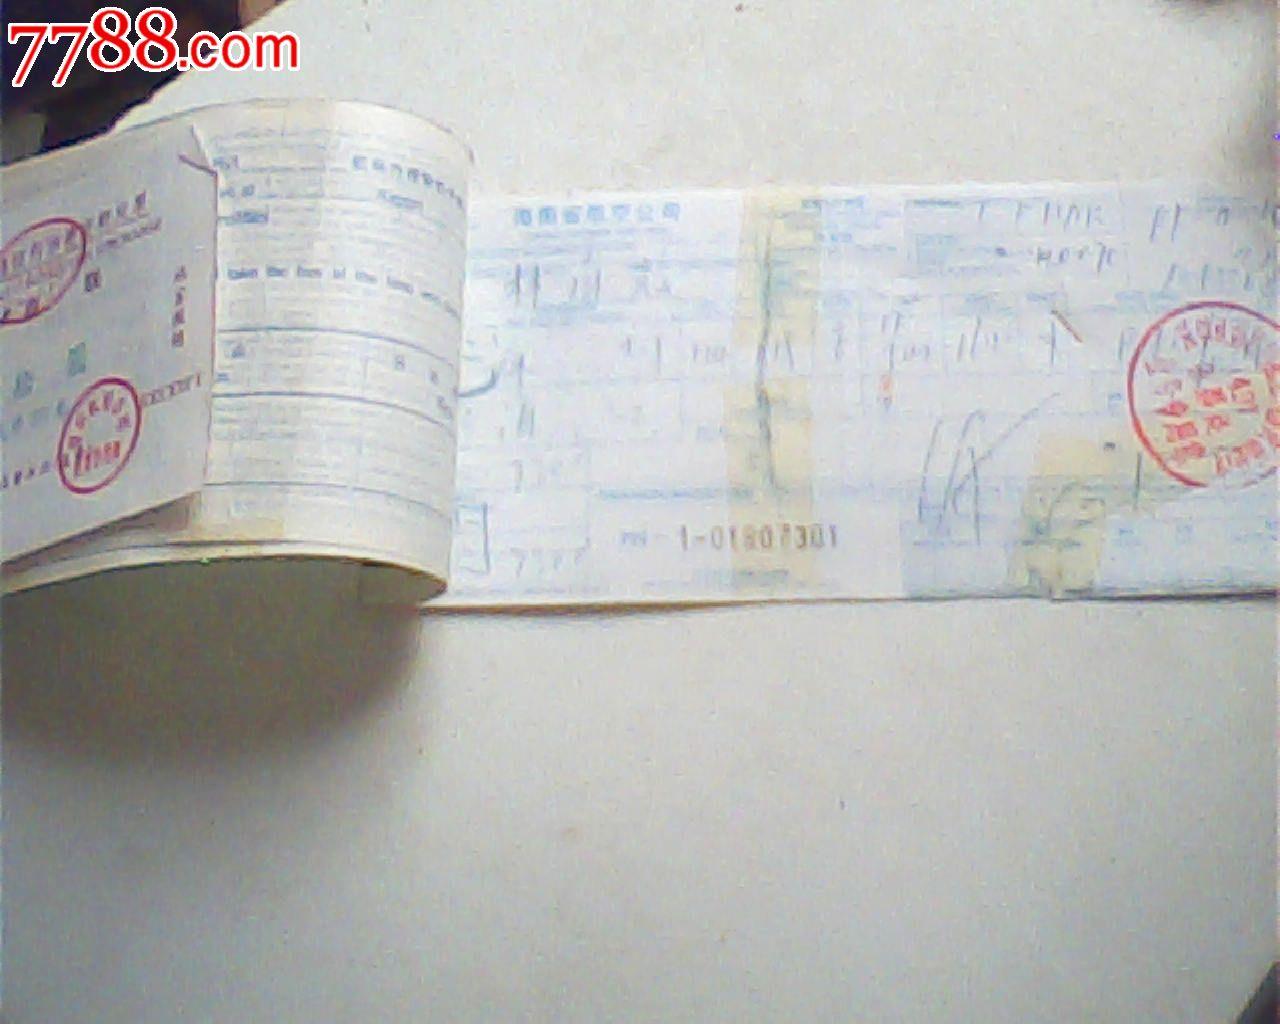 春至海南的机票_旧机票,海南航空快鹿标301#,96年4月深圳--海口,75品